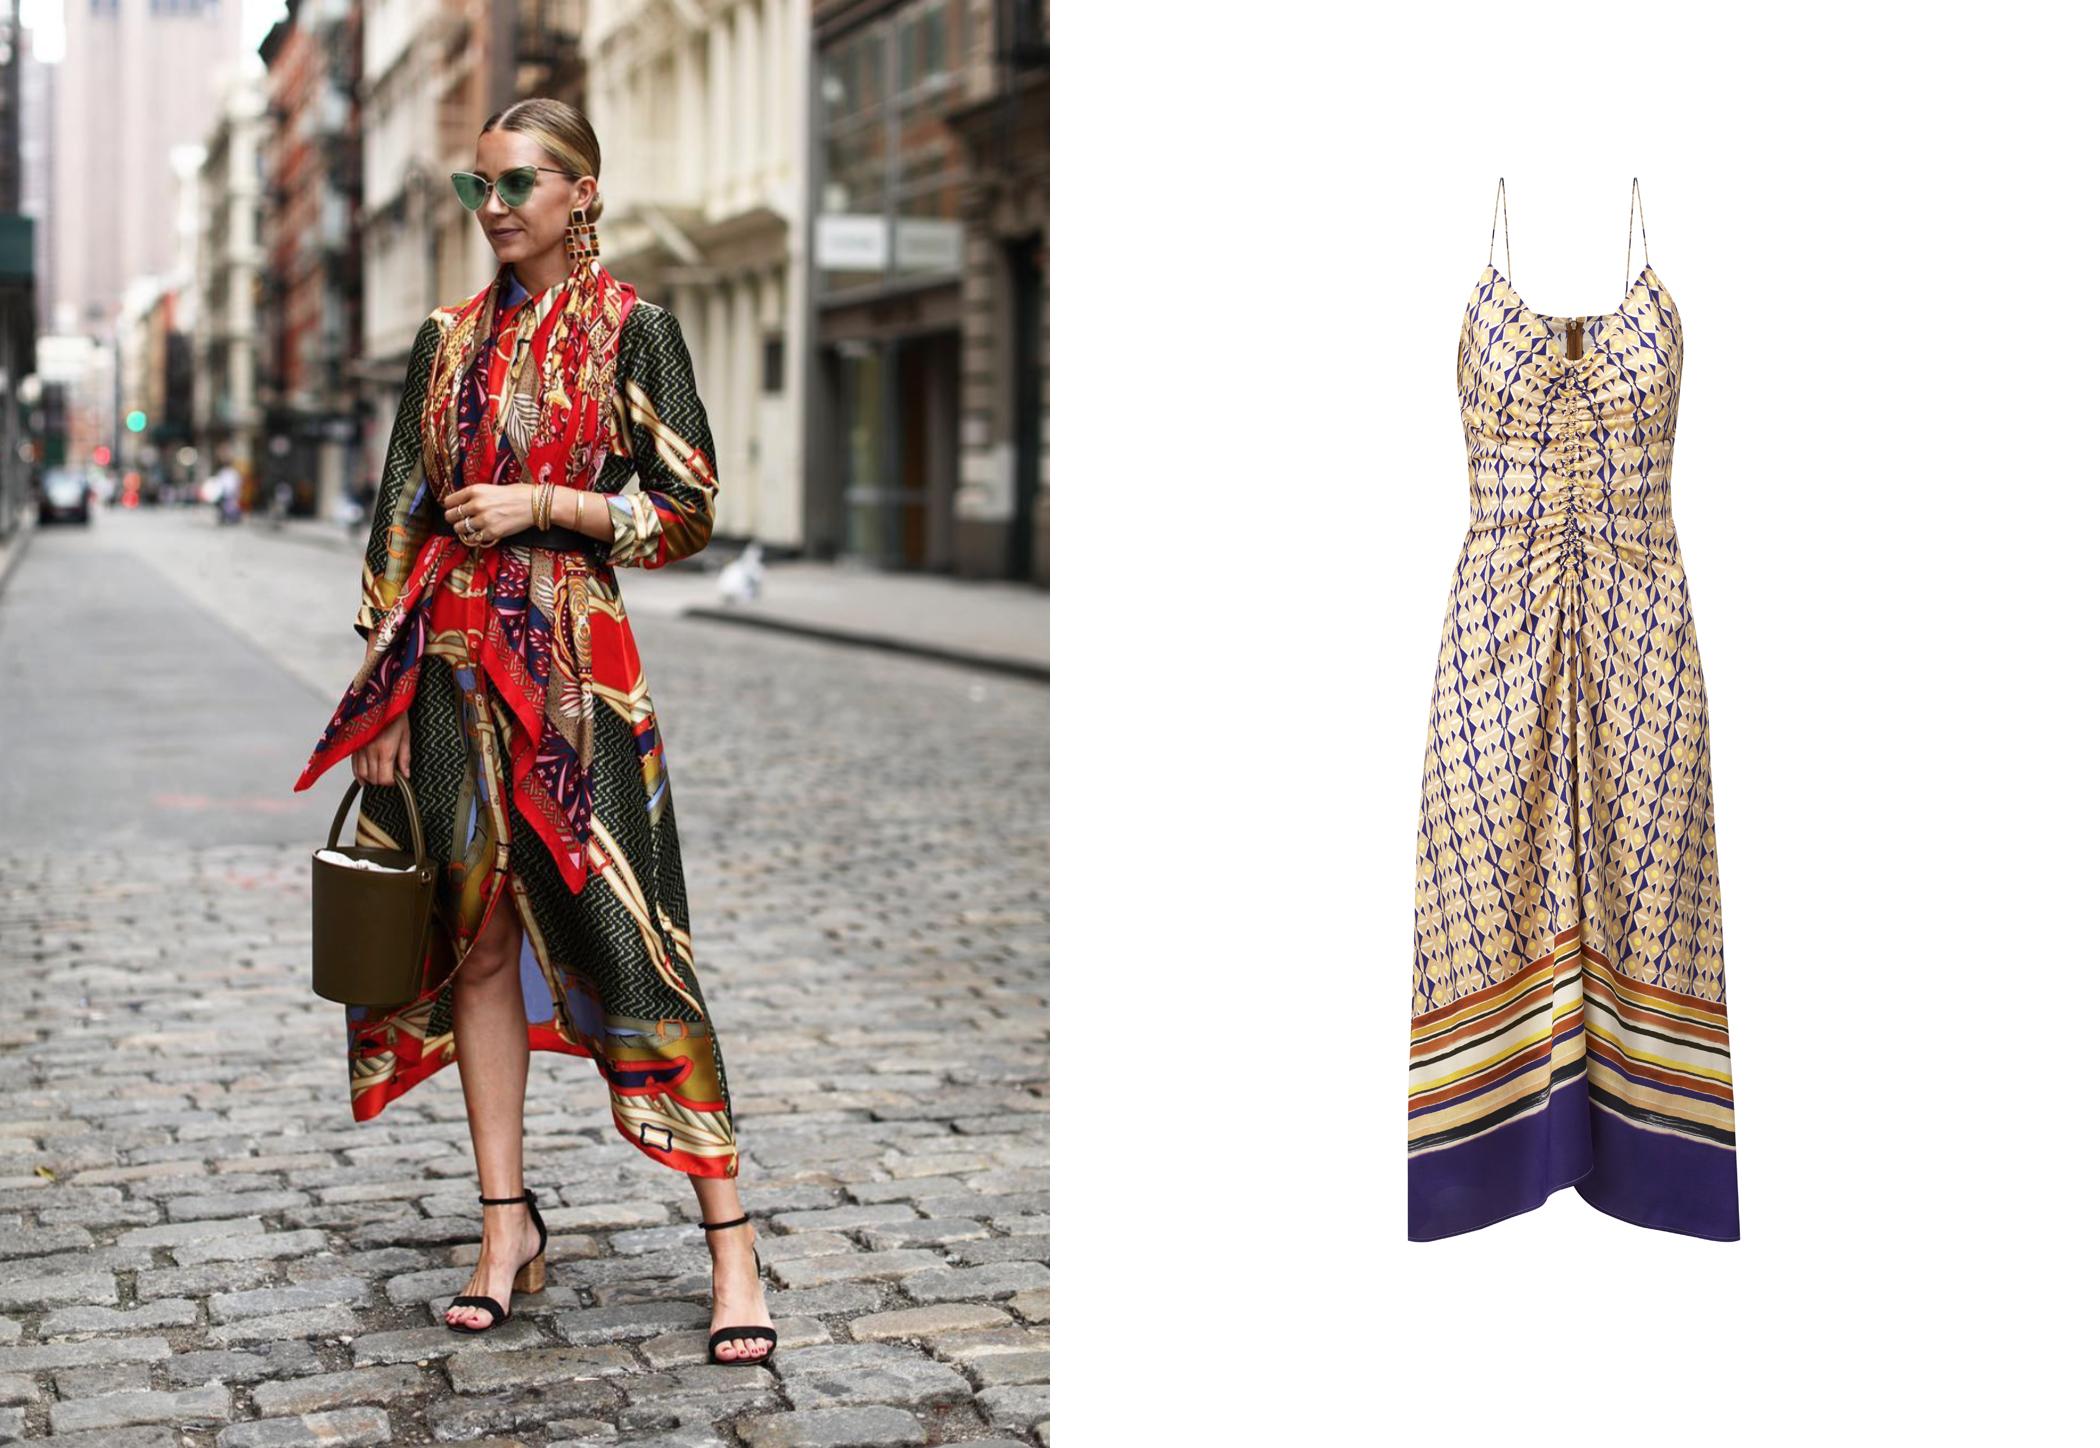 Blair Eadie con vestido con print de pañuelo vintage de Zara y vestido con tirantes spaghetti de Mango, 39,99 €. (@blaireadiebee y cortesía de la marca)